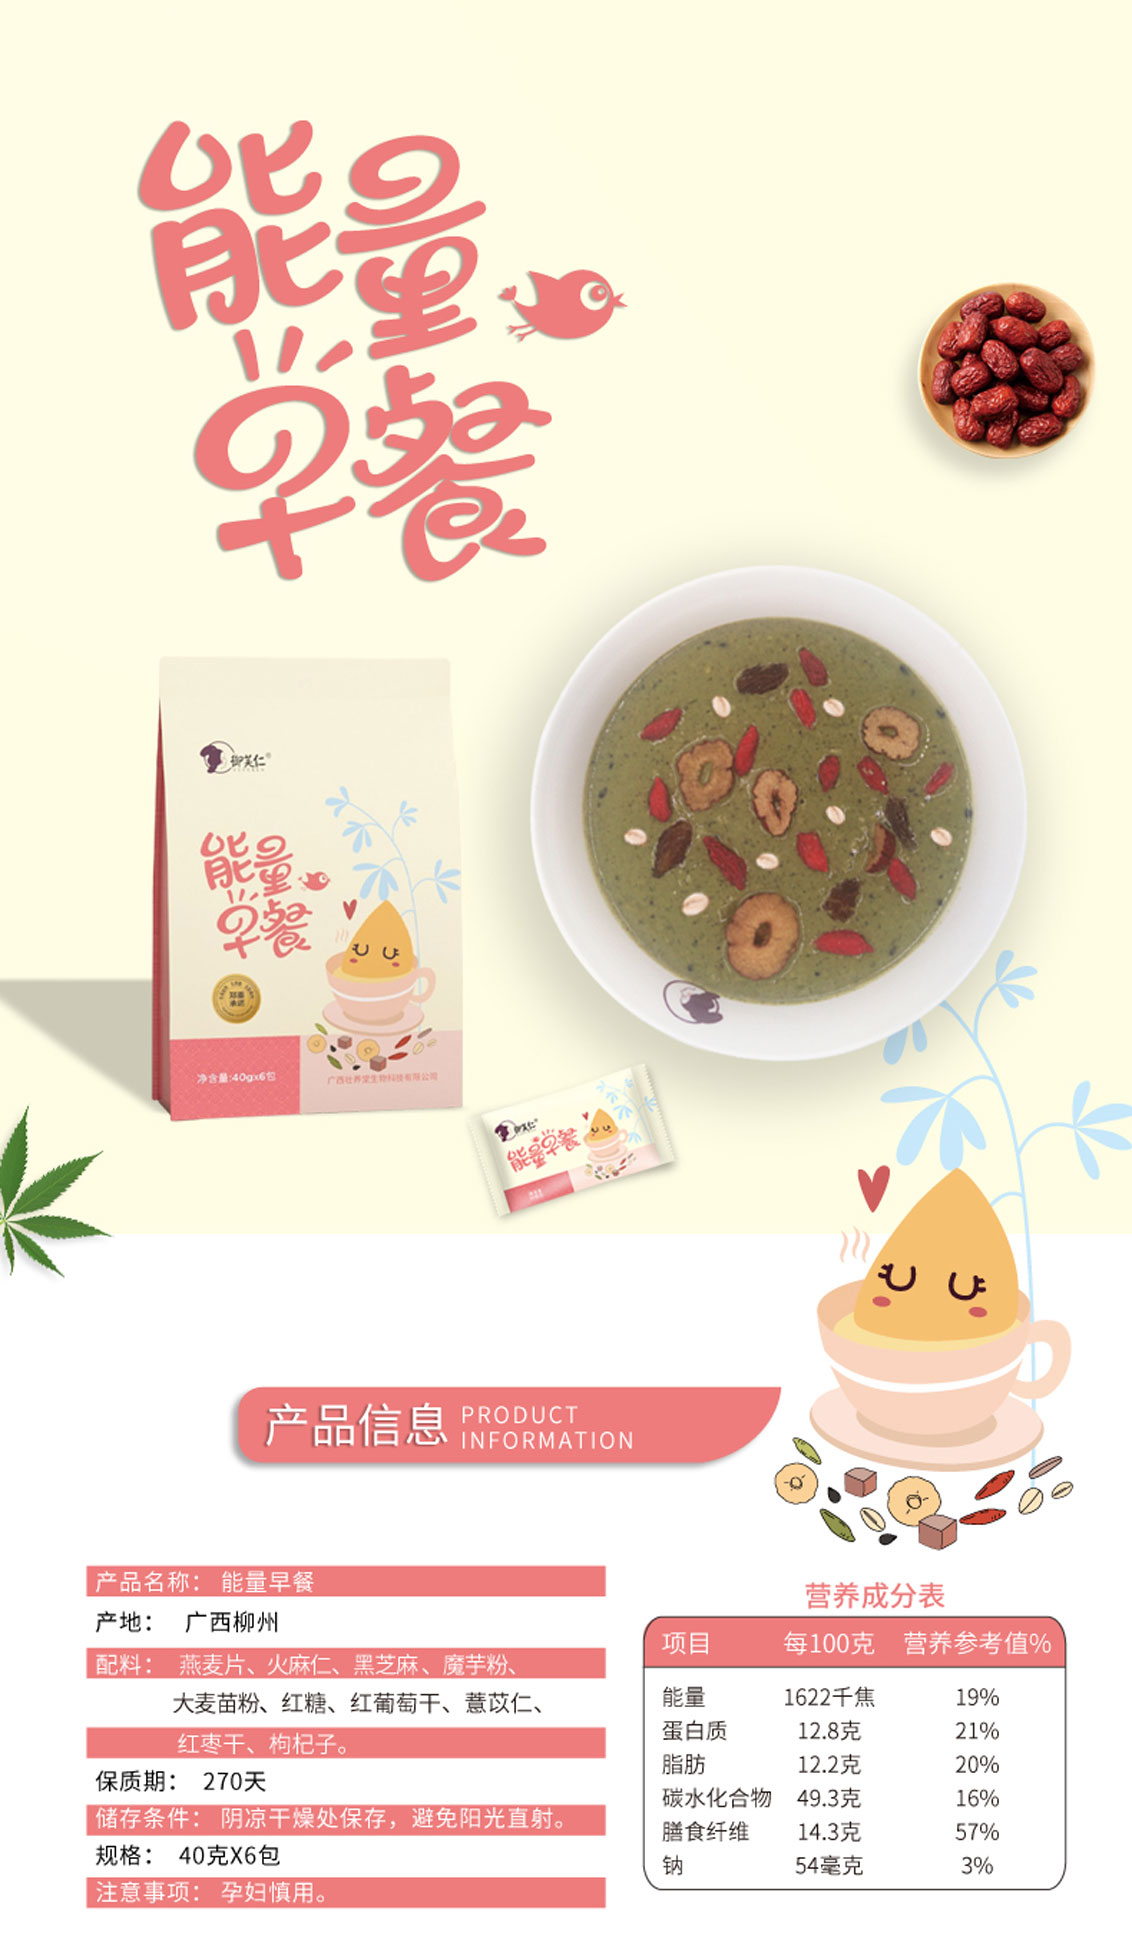 能量早餐简装版-粉色-详情页-P_01